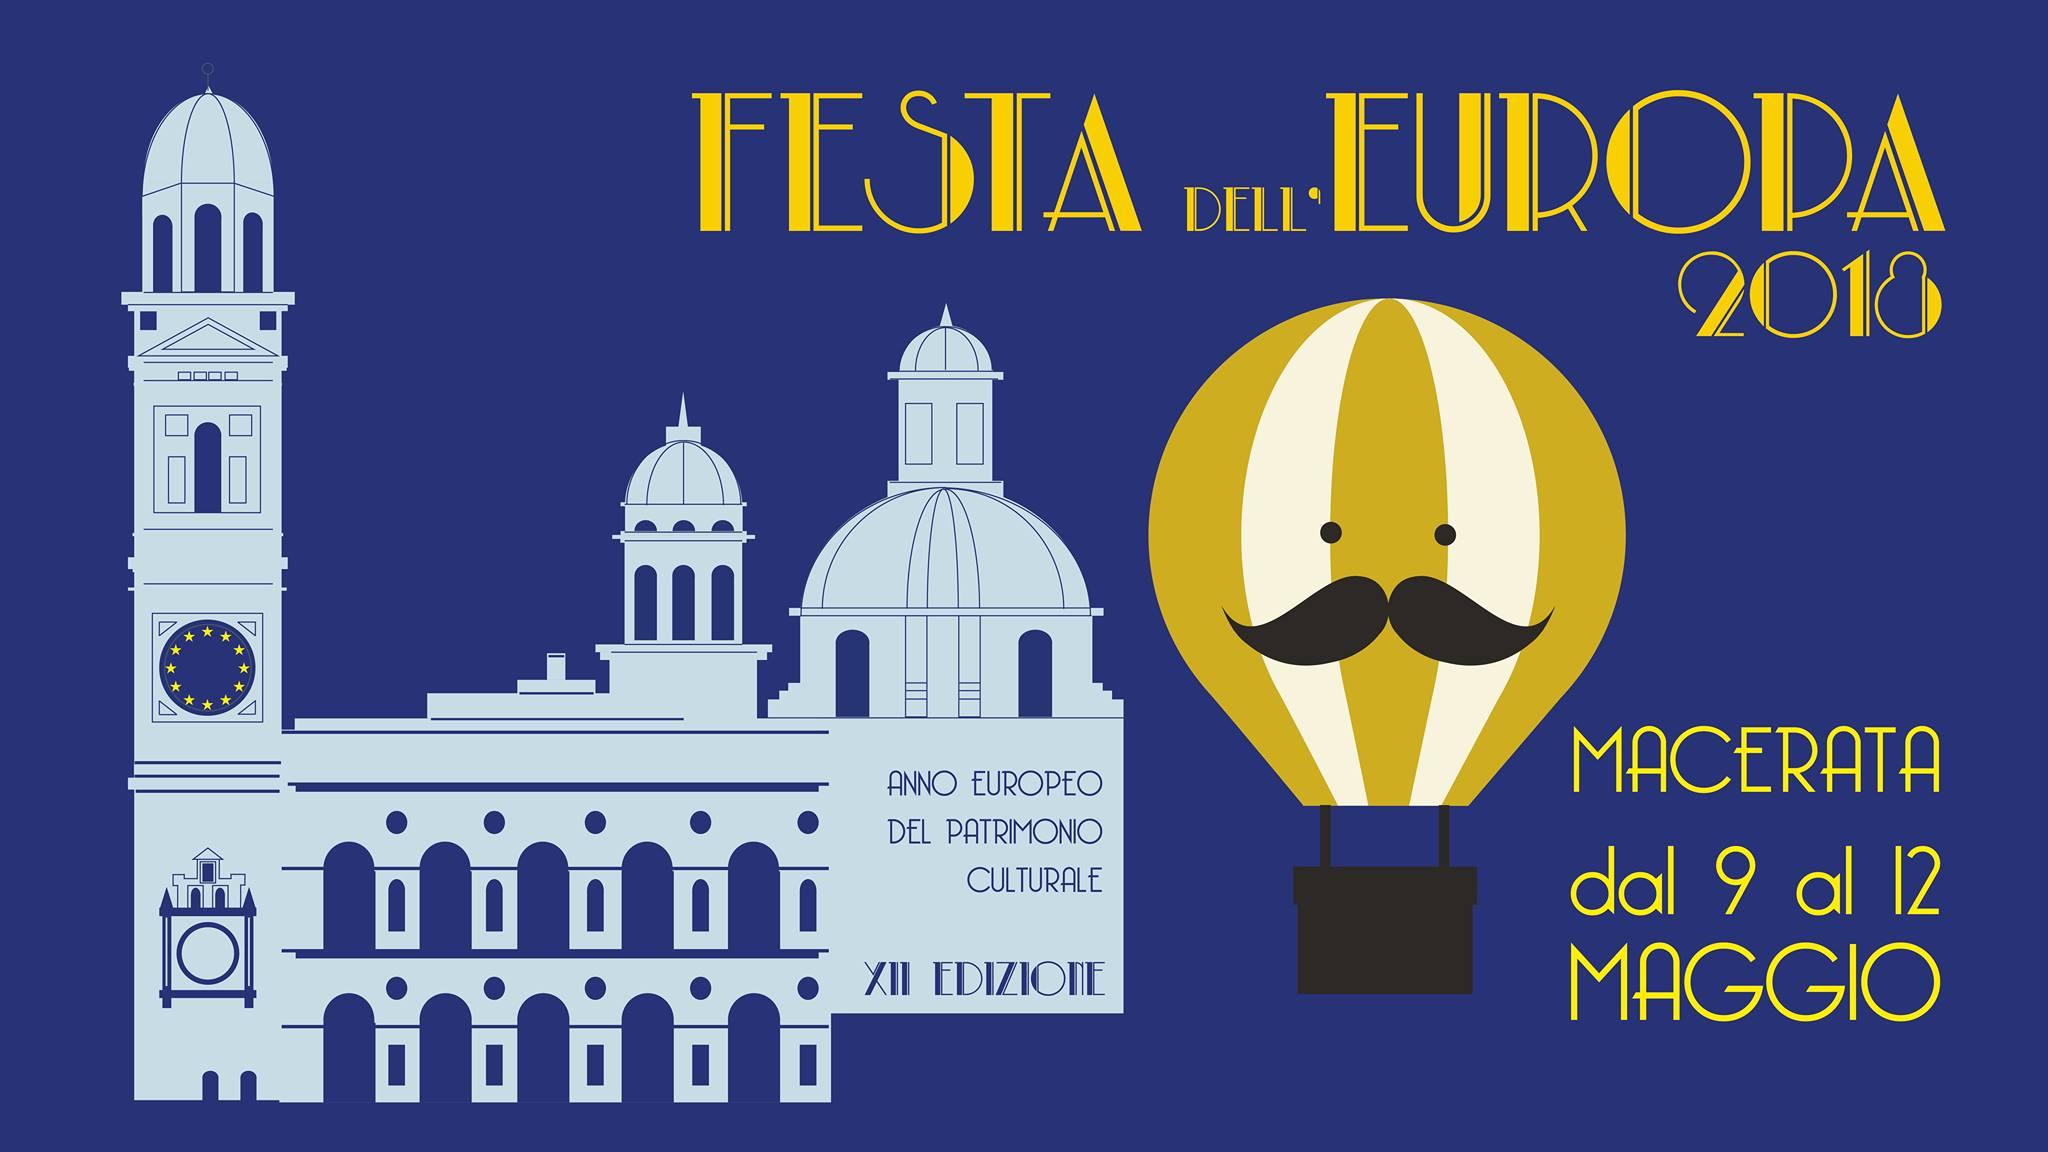 Festa dell'Europa a Macerata, eventi e aperitivi europei